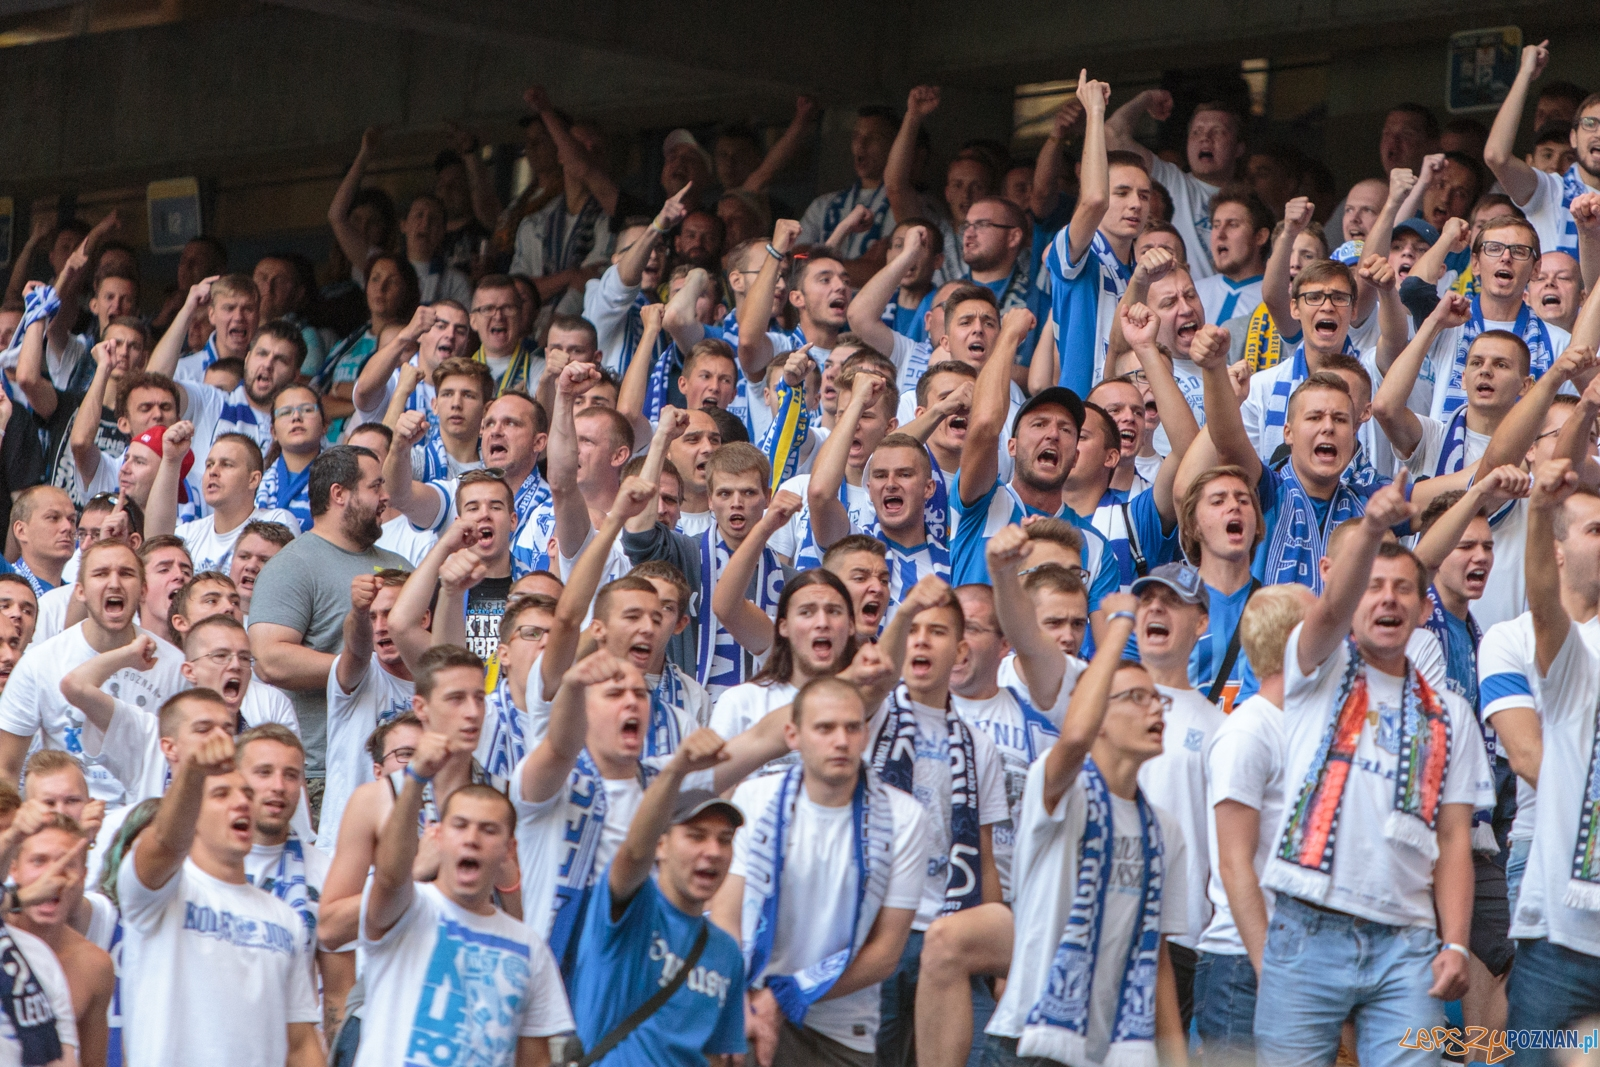 Lech Poznań - Arka Grynia 3:0 - Poznań 27.08.2017 r.  Foto: LepszyPOZNAN.pl / Paweł Rychter